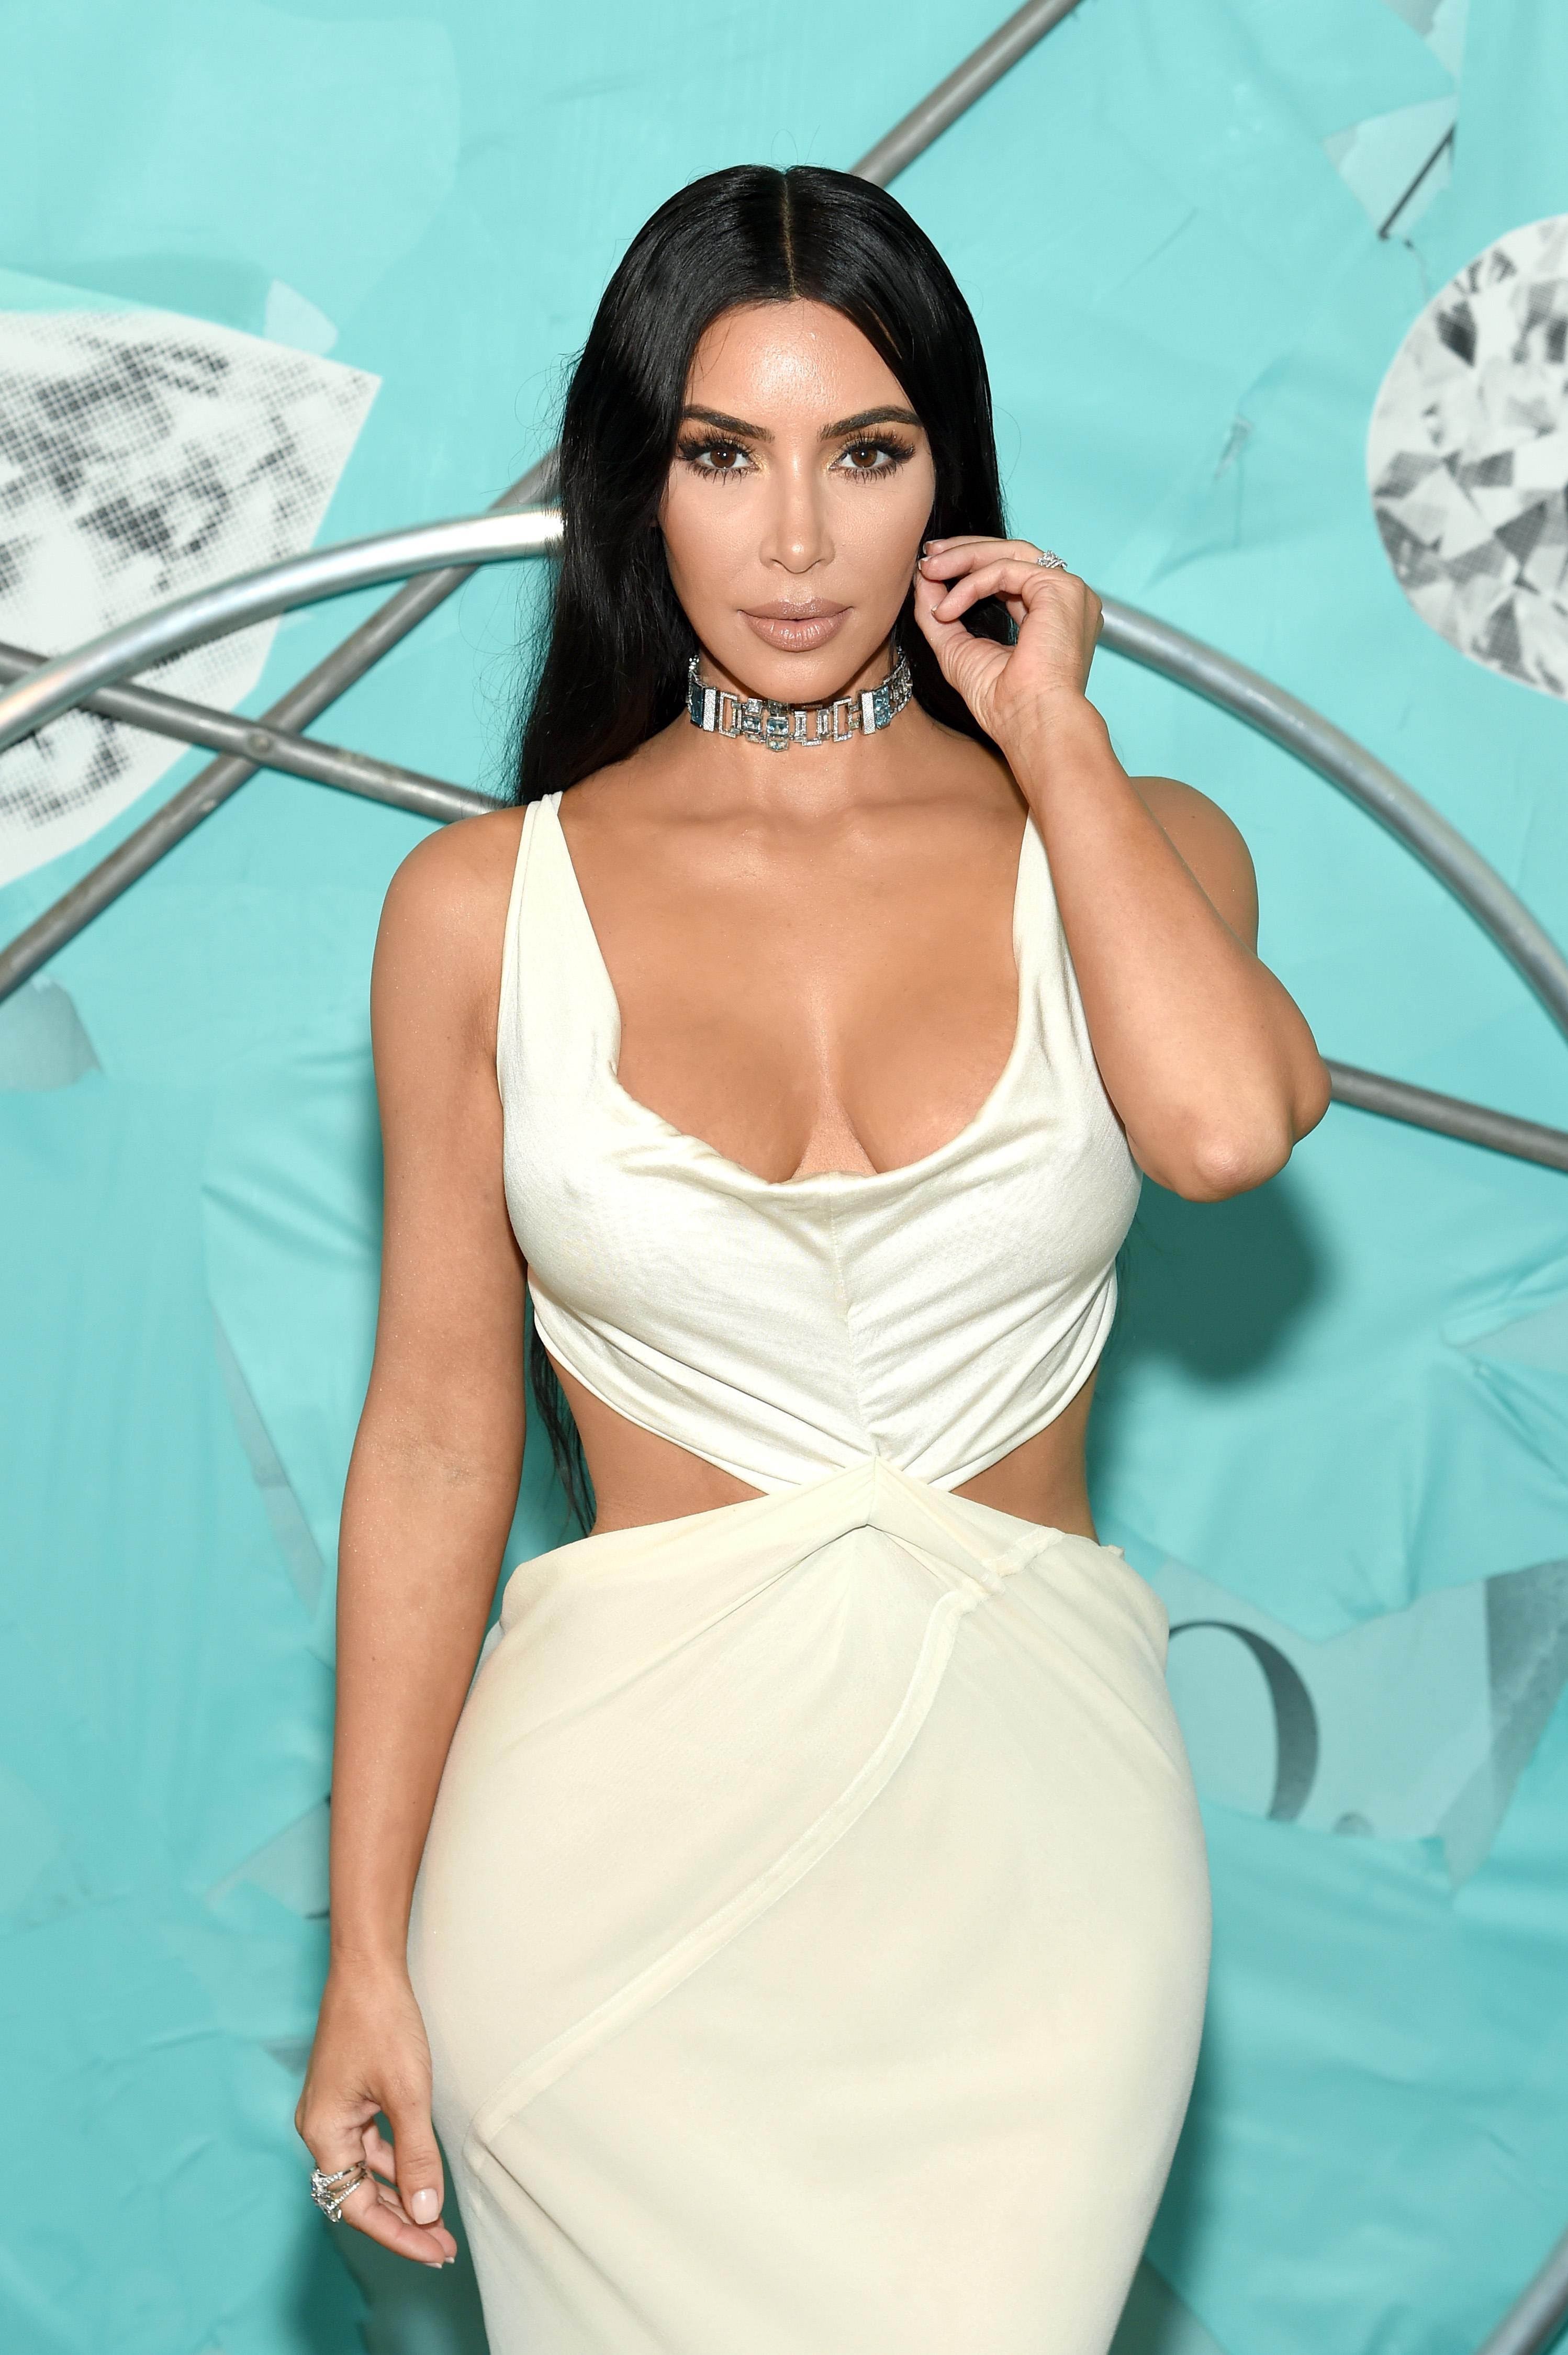 2. Ким Кардашиян<br /> Никой не може да отрече влиянието на риалити звездата в модата. Със своите милиони последователи в социалните мрежи, всяко нещо, което Кардашиян сложи, мигновено се превръща в тренд.